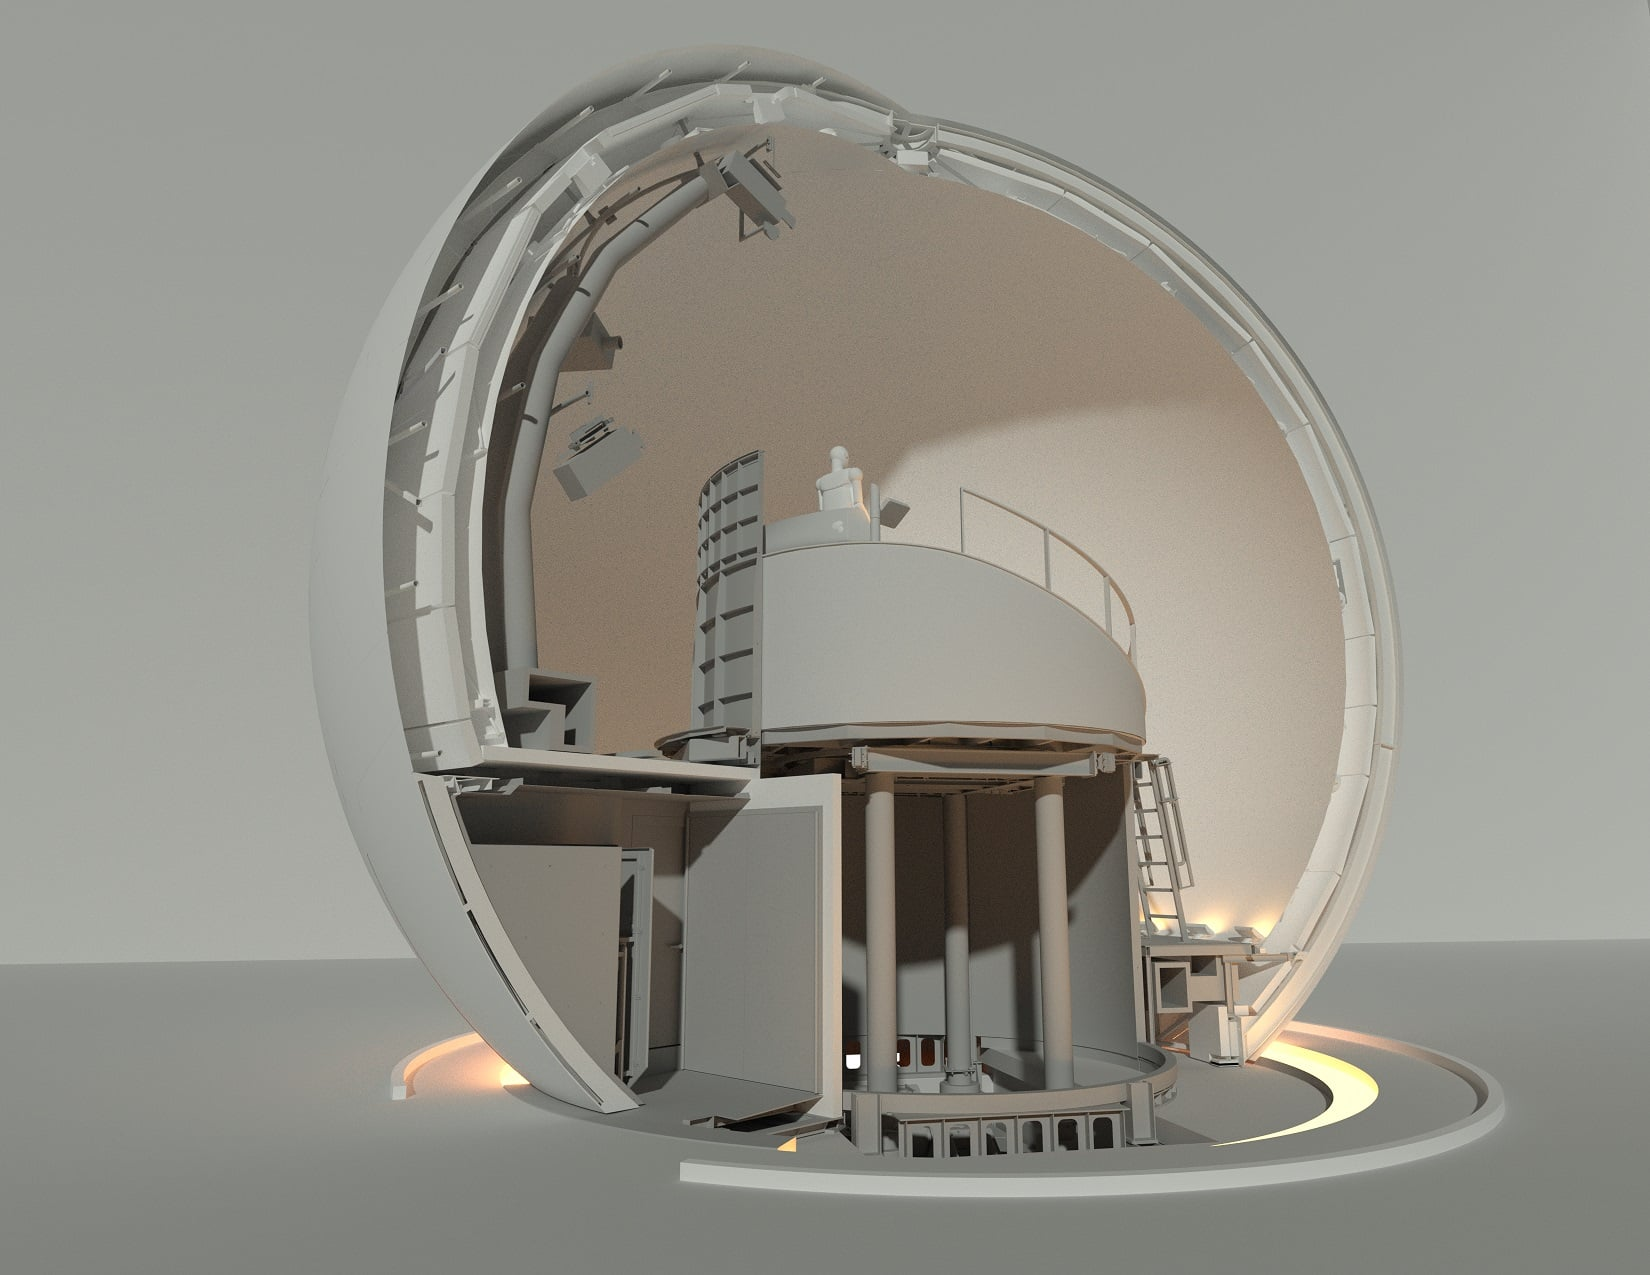 Sphère et ascenseur/table tournante - Concept